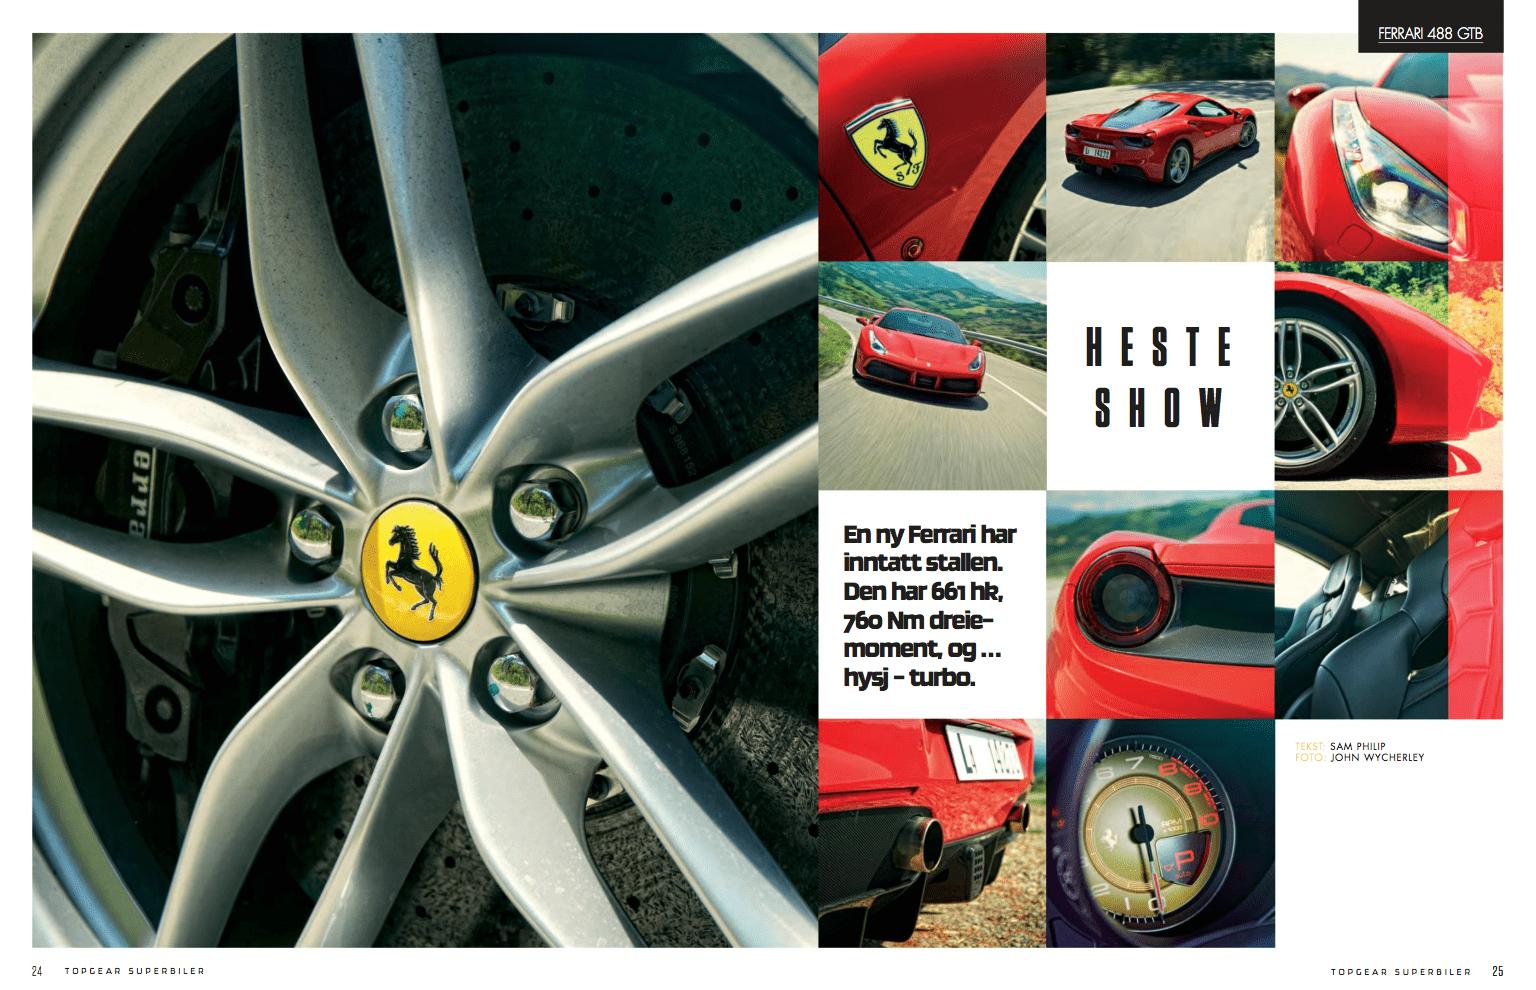 Hesteshow – Ferrari